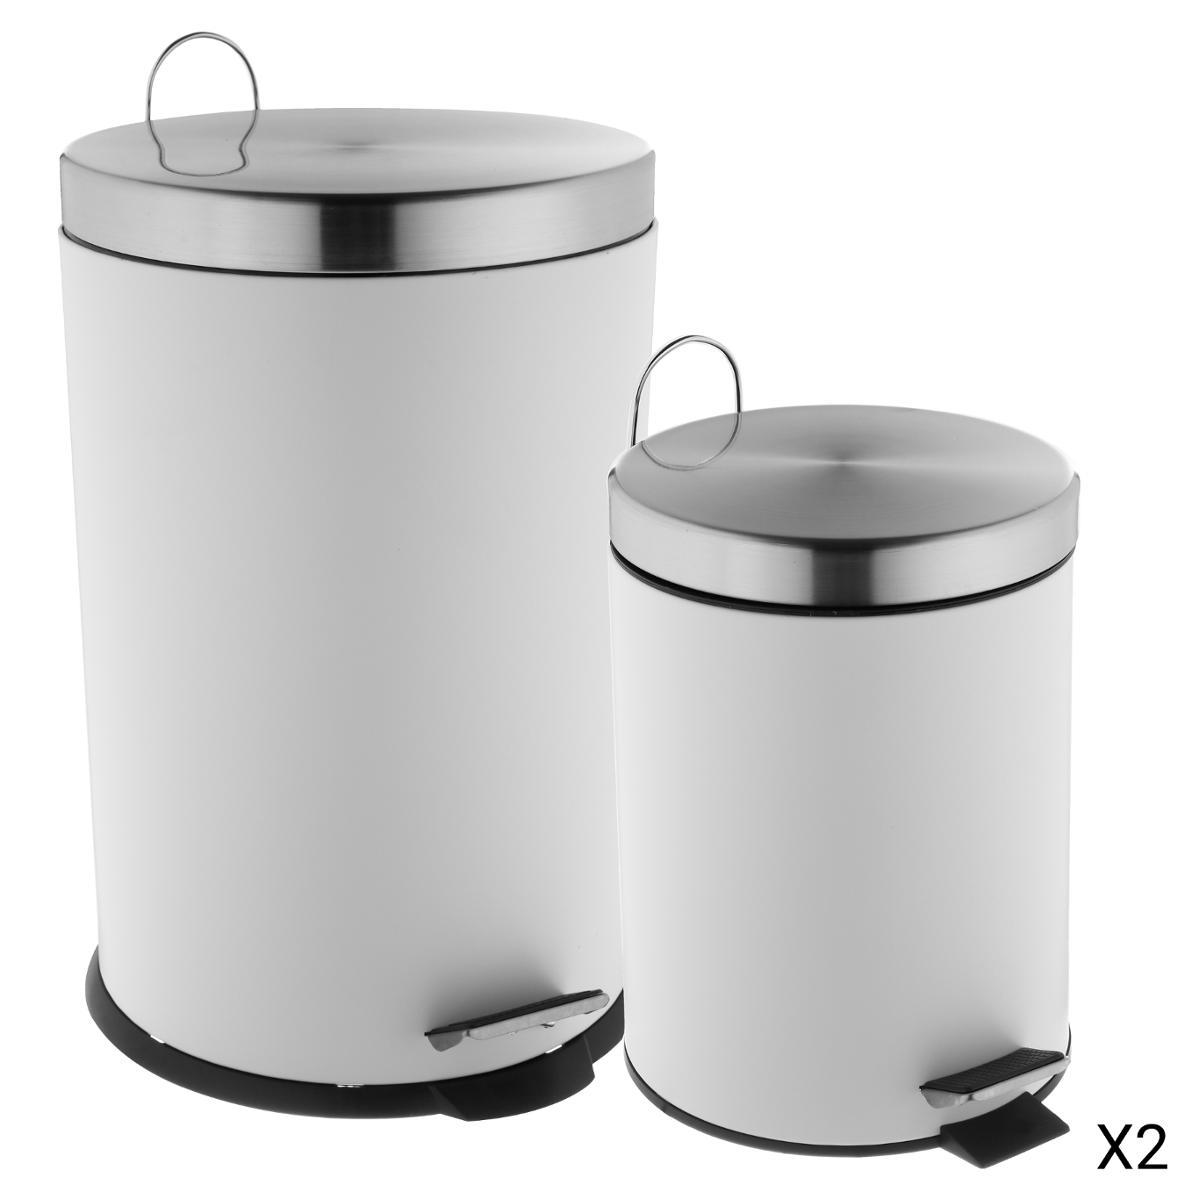 Couleur : Silver, Taille : 6L LIUFS-Poubelle Poubelle sans Couvercle en Acier Inoxydable M/énage Salon Chambre Cuisine Salle Bain Cr/éative Toilette Simple Tube